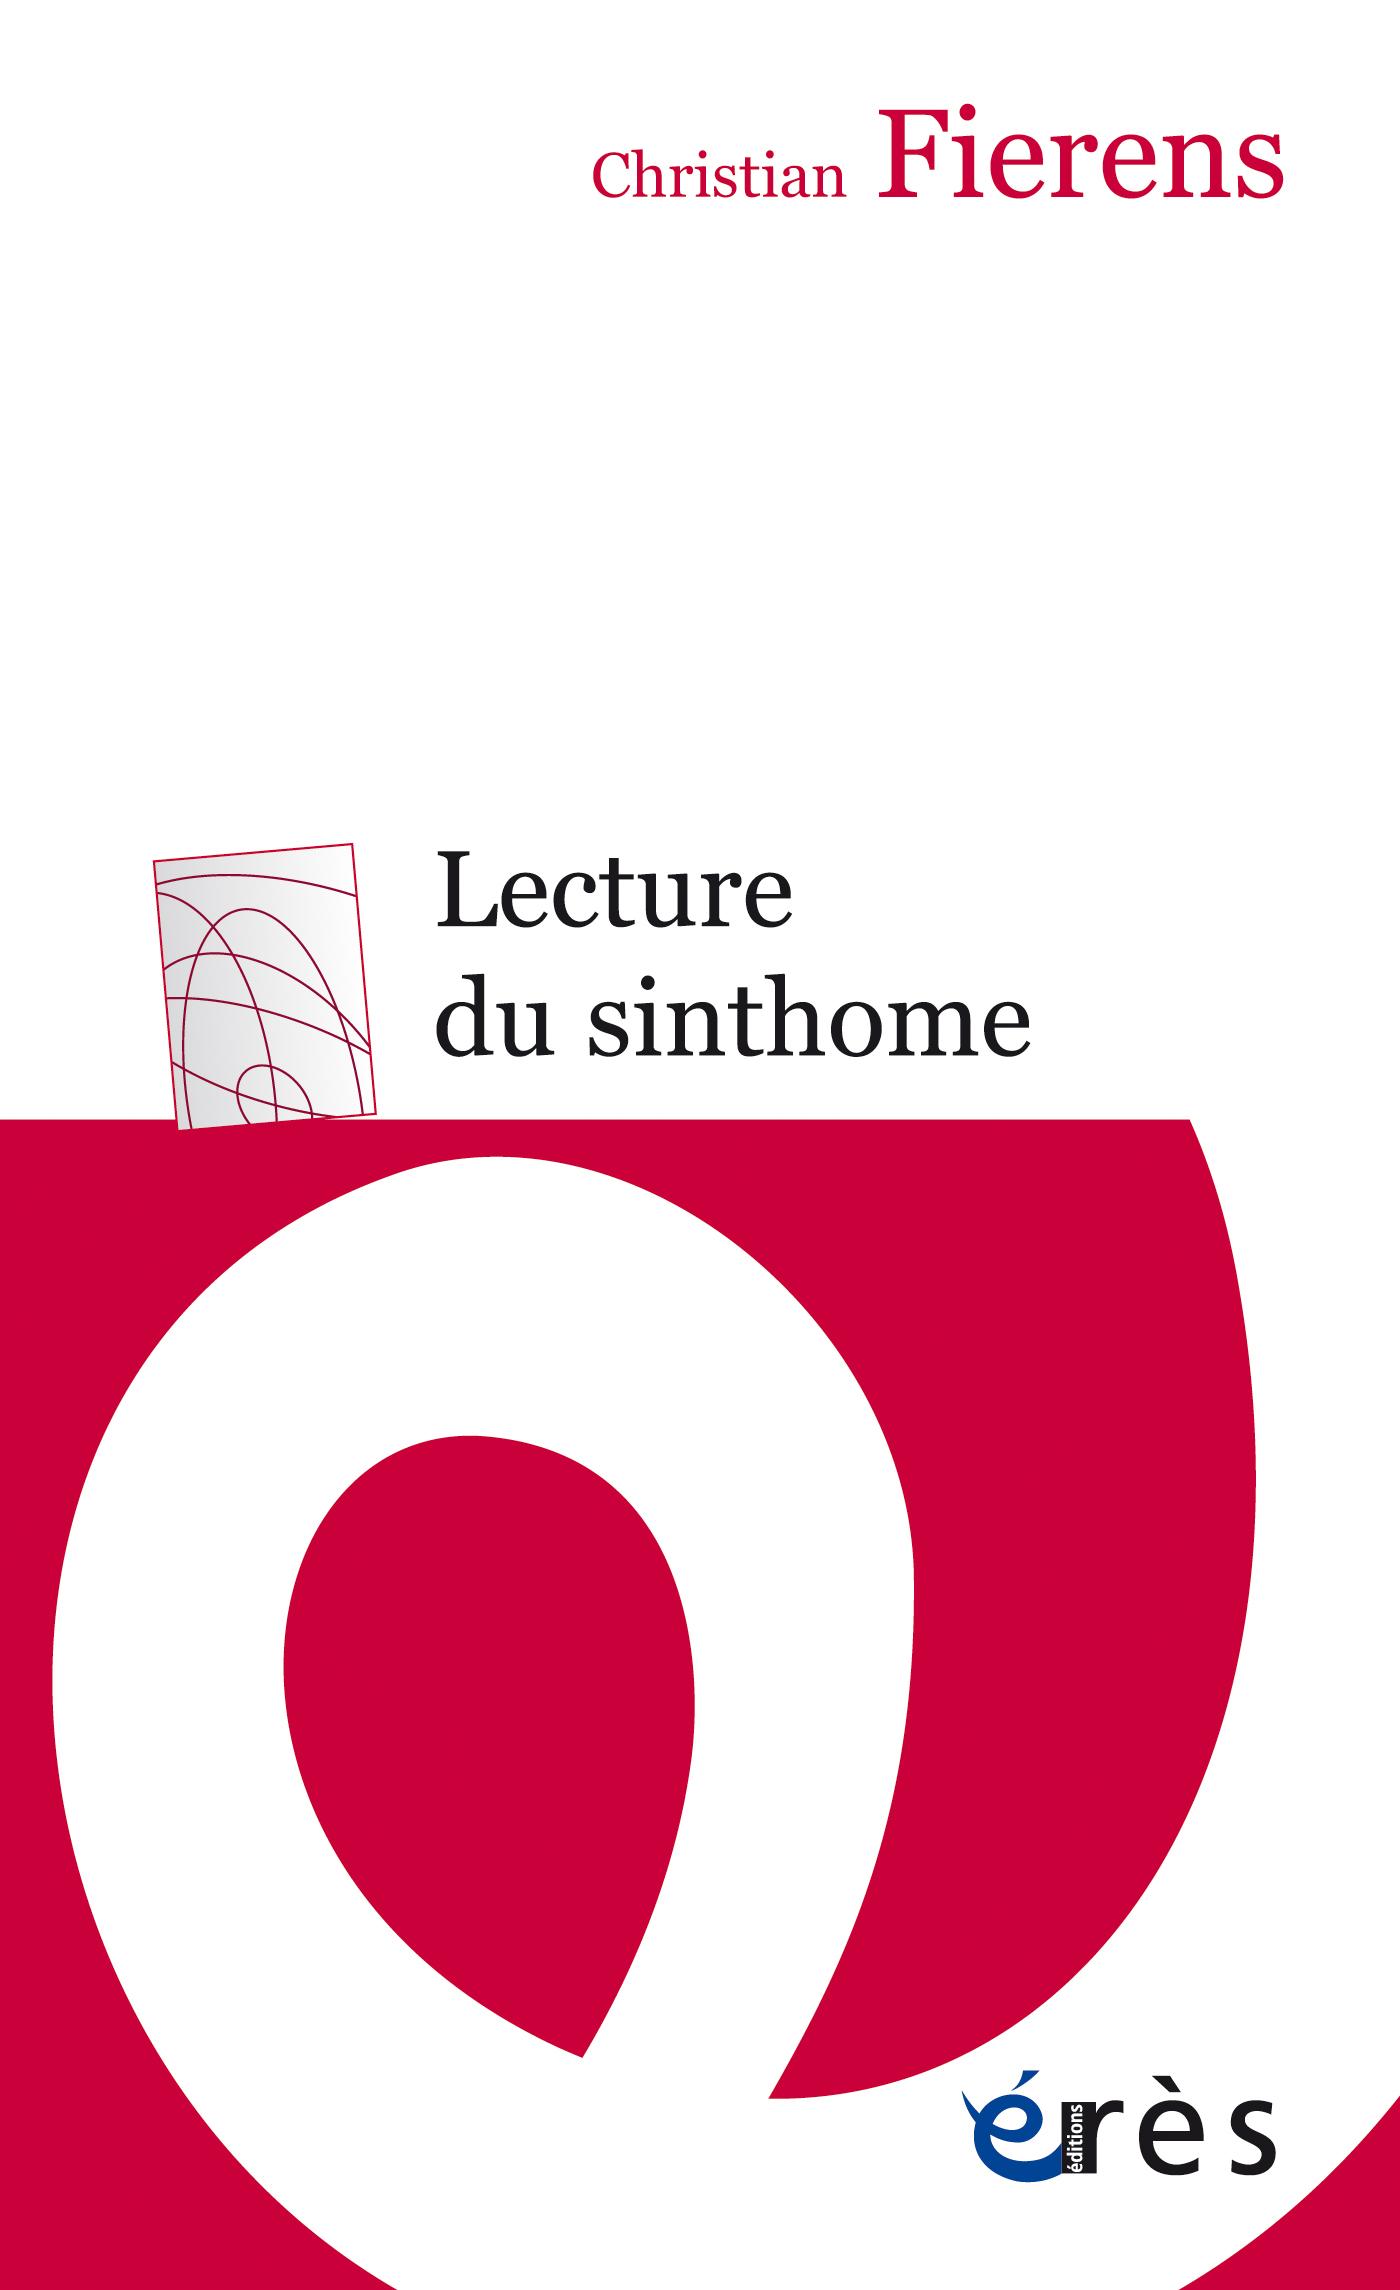 Lecture du sinthome